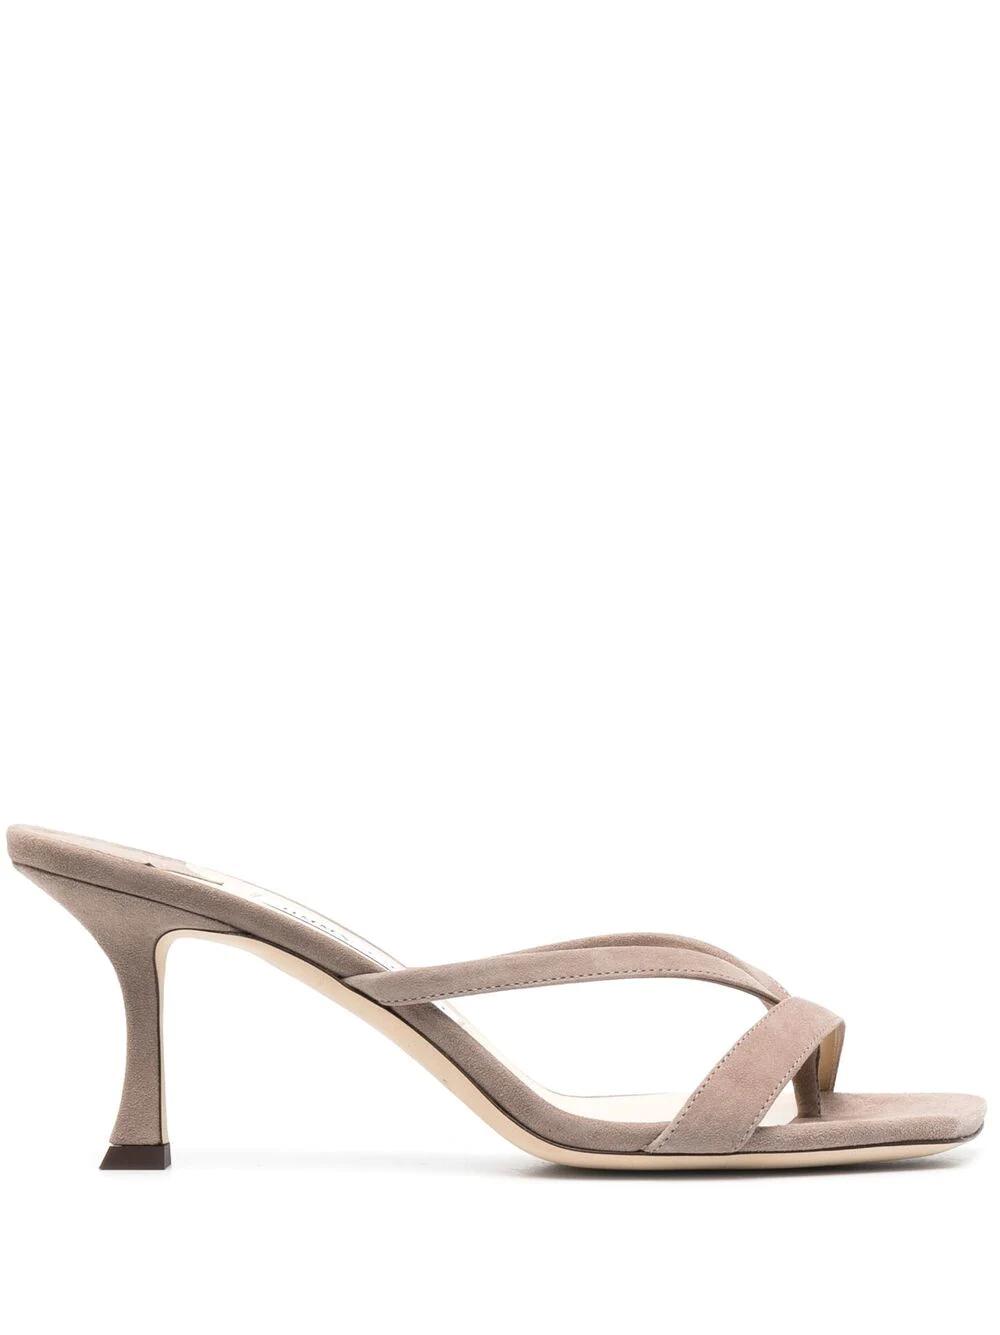 Jimmy Choo Maelie 70mm Sandals 986лв